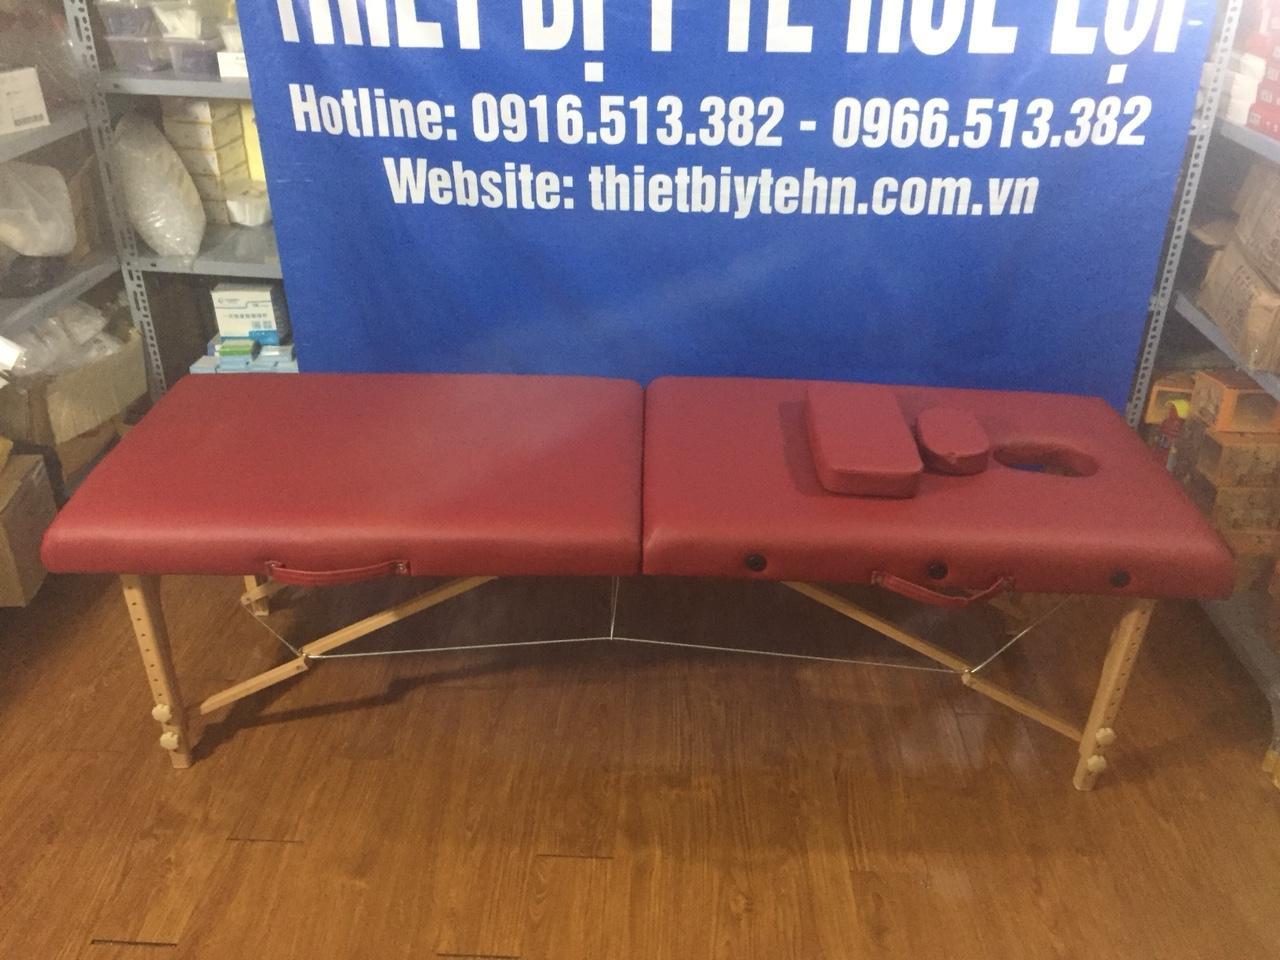 Giường massage gấp chân gỗ HL3 nhập khẩu